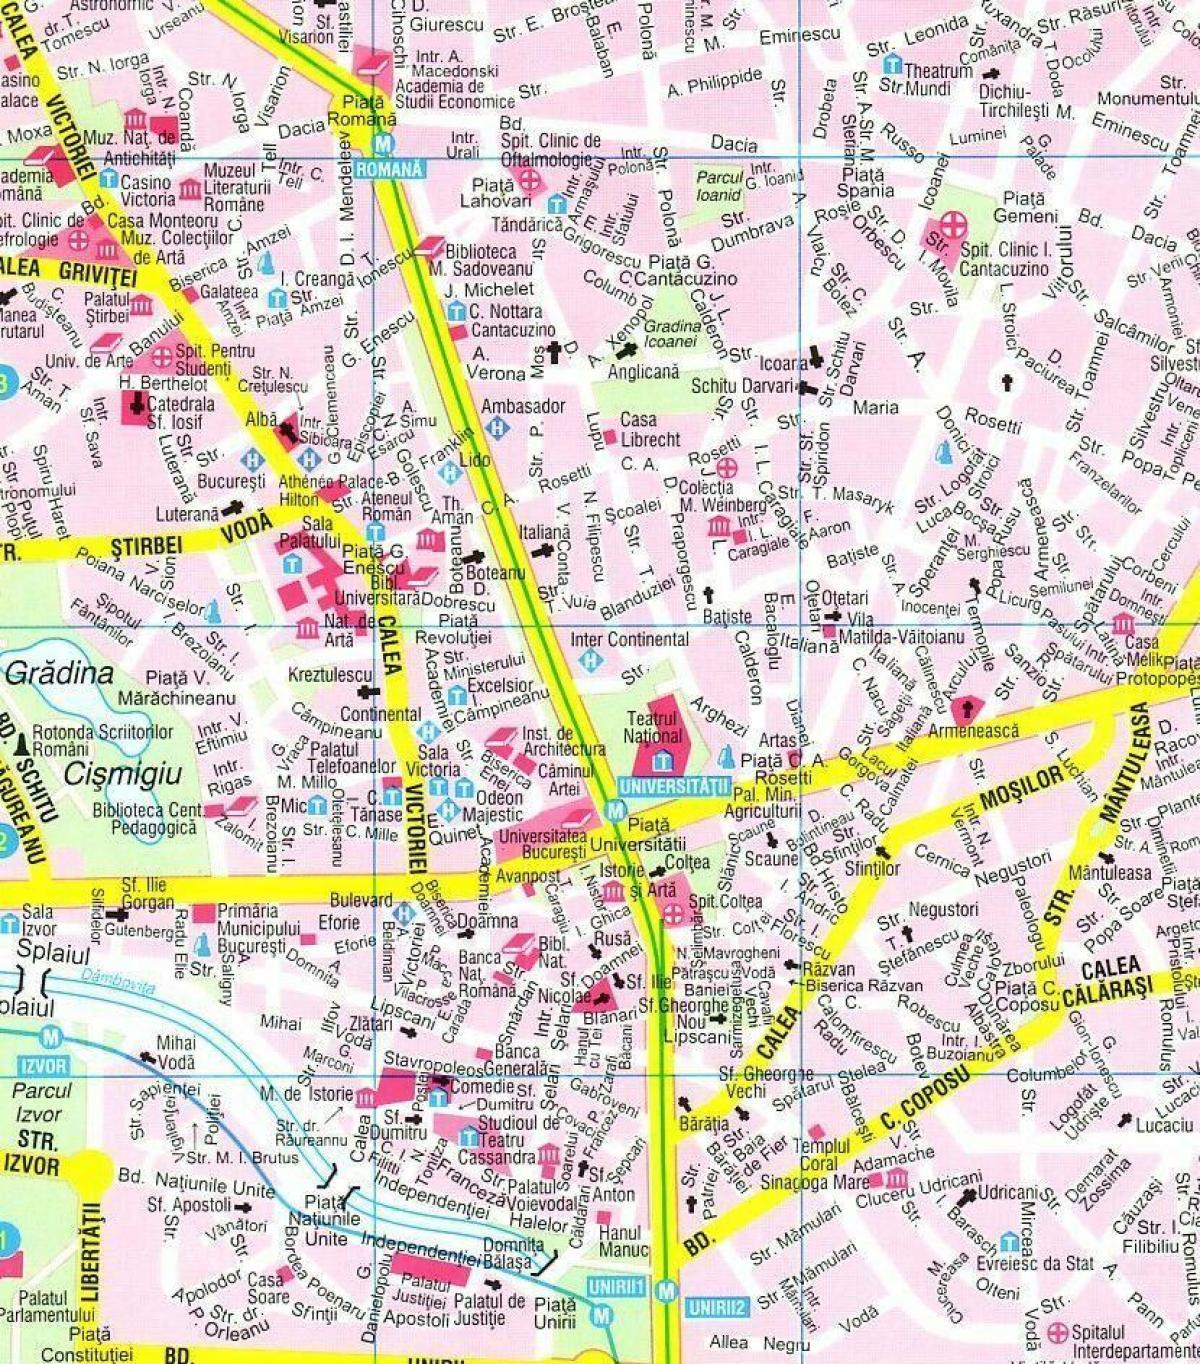 מגניב ביותר בוקרשט מרכז המפה - המפה של מרכז העיר בוקרשט (רומניה) IR-89